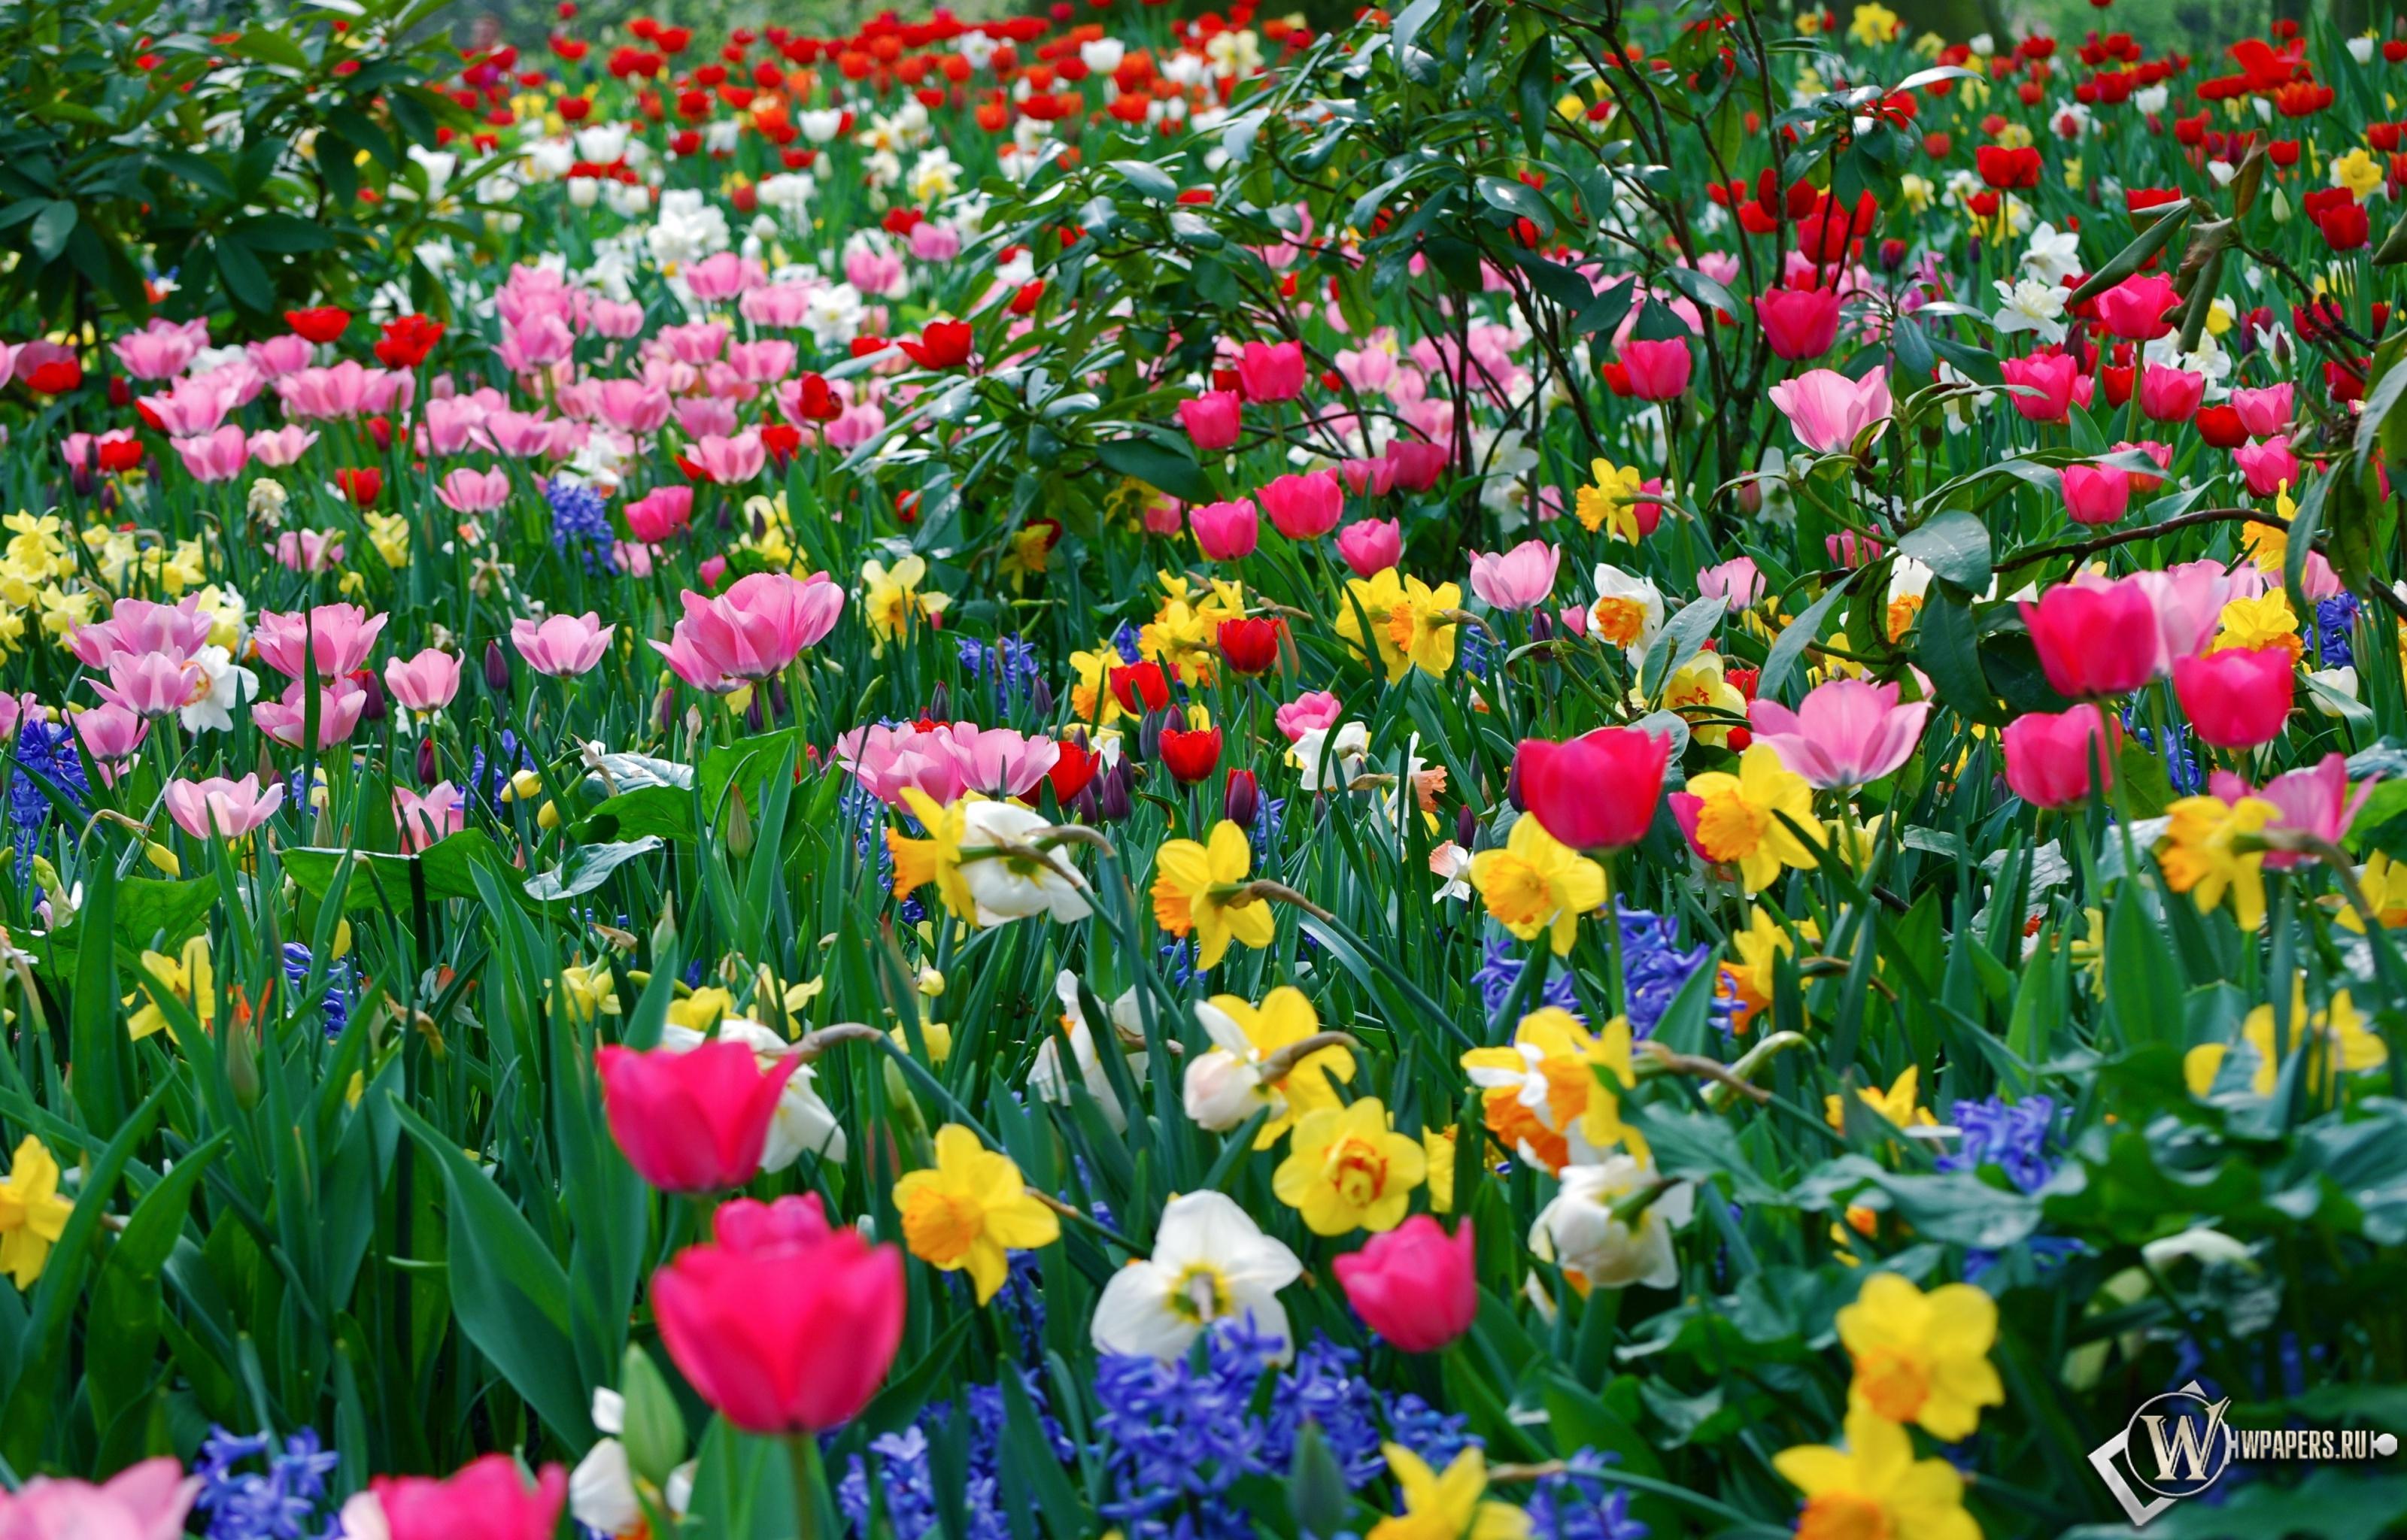 Цветущее великолепие 3200x2048